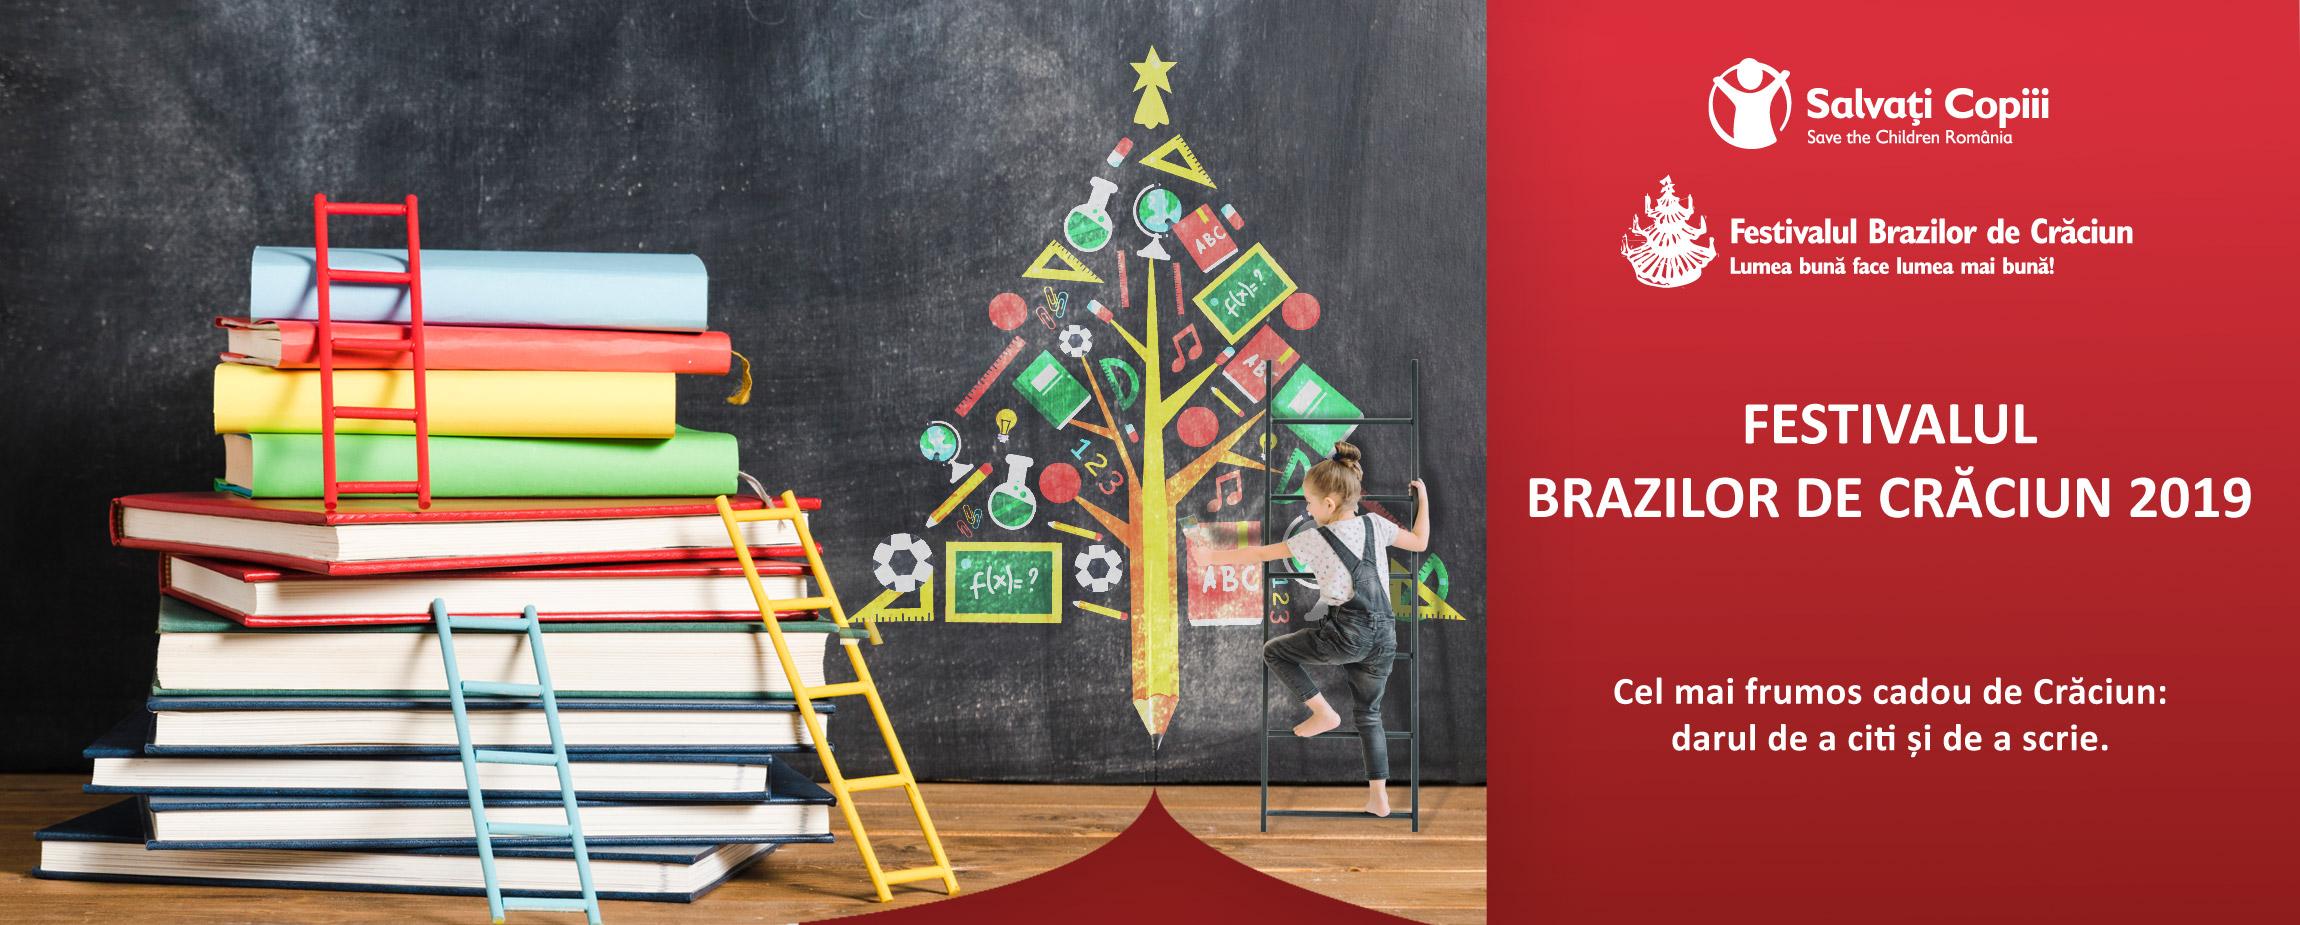 Festivalul Brazilor de Crăciun, ed. XIX, Salvați Copiii România